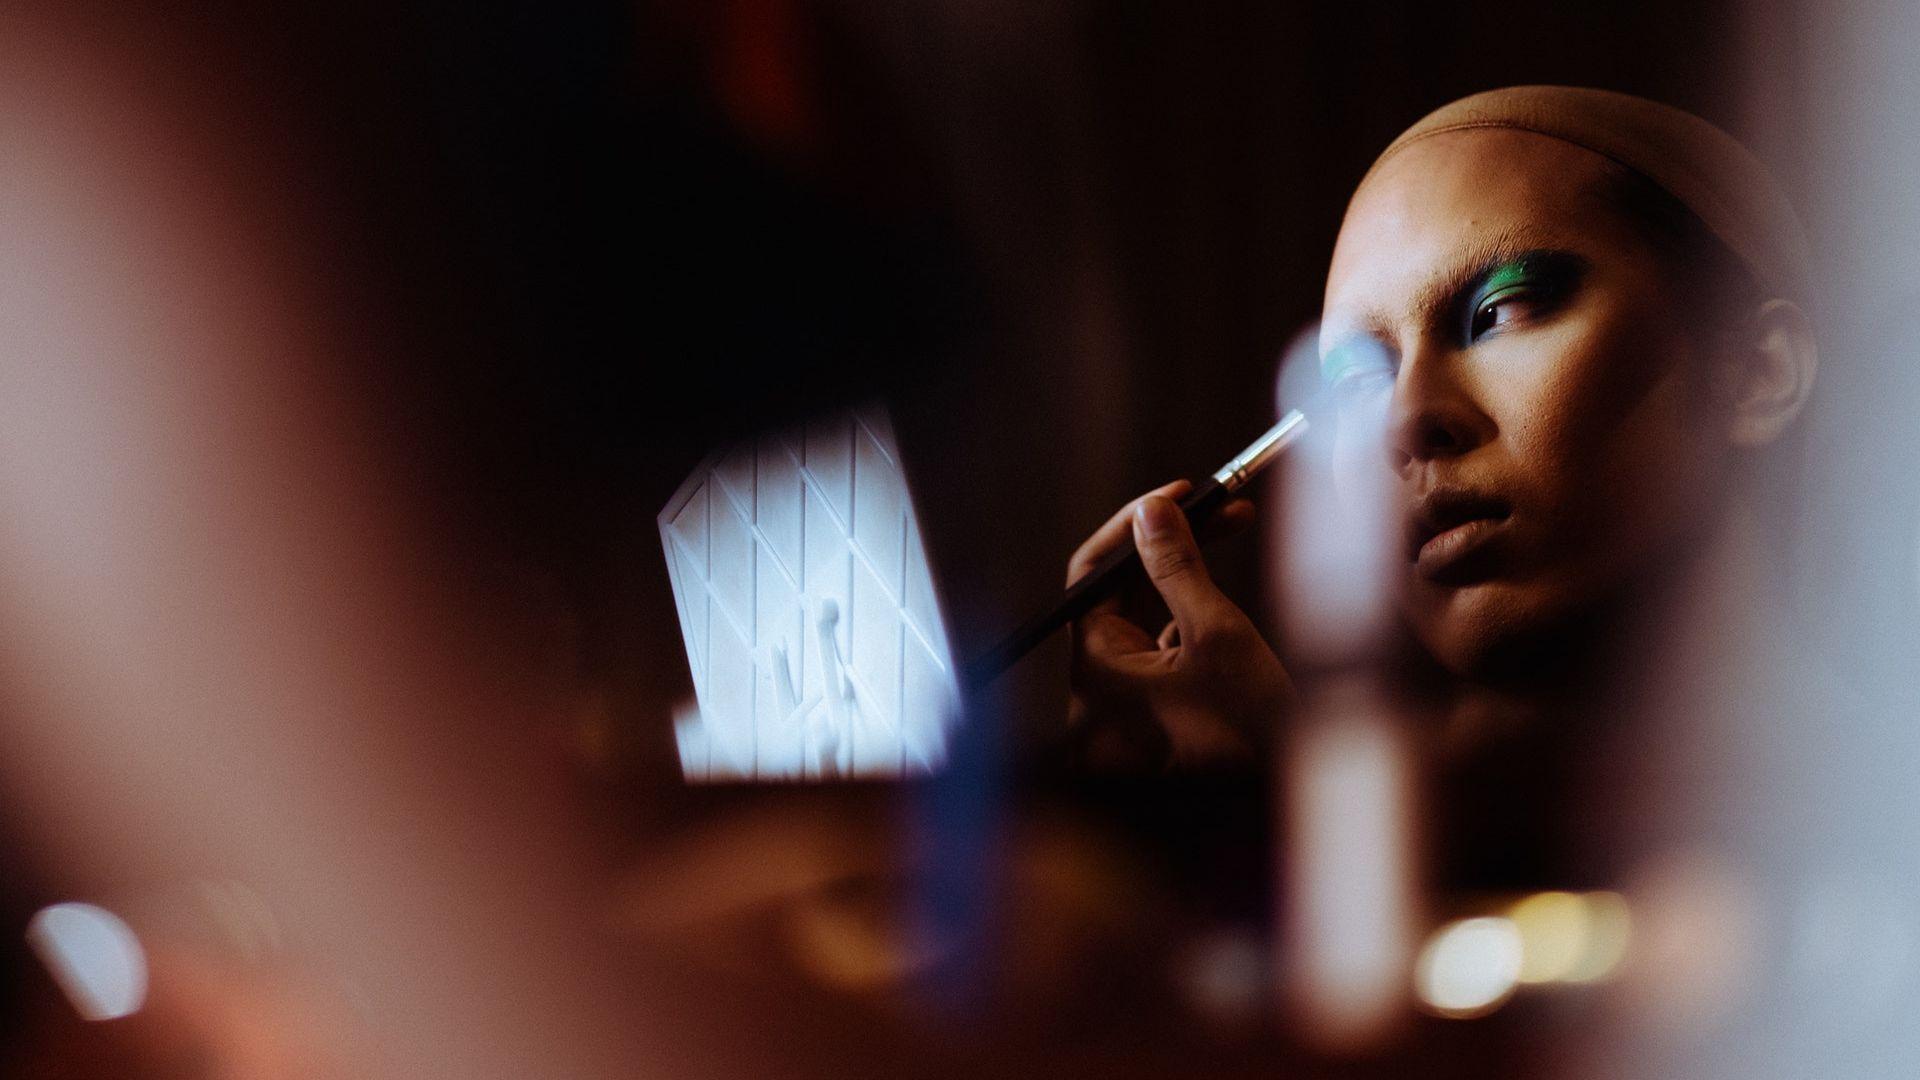 Breast Cancer Higher Among Transgender Population